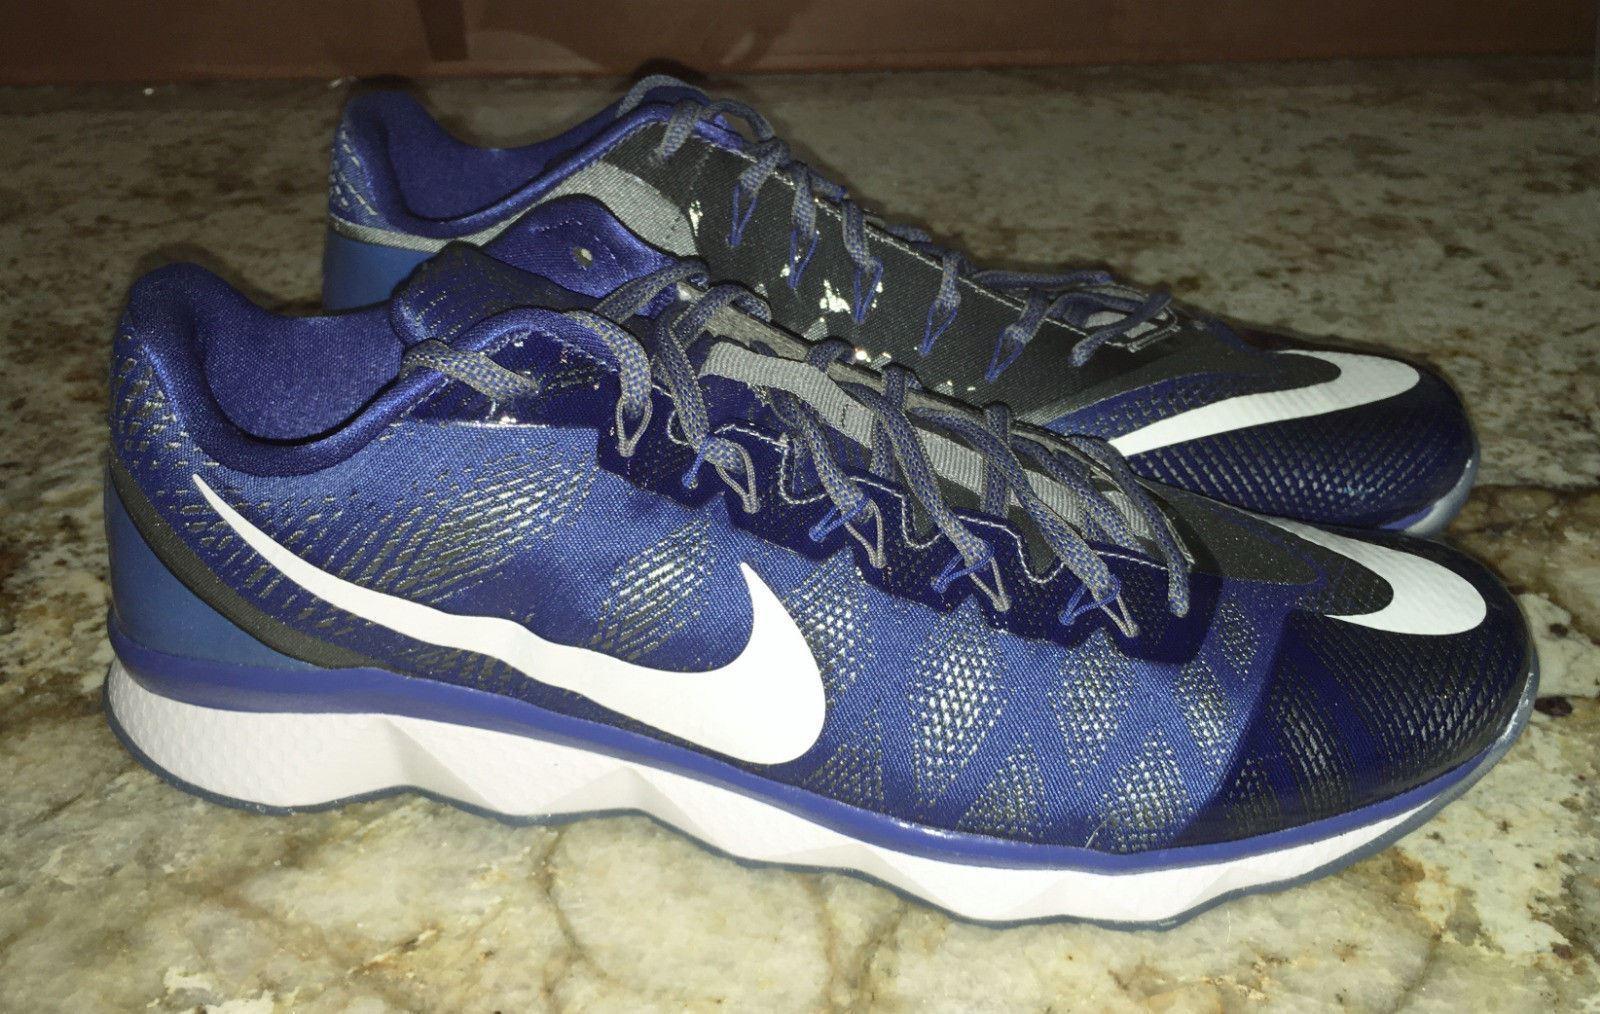 NIKE CJ3 Flyweave Lions Soar bluee Grey Training shoes Sneakers NEW Mens Sz 9.5